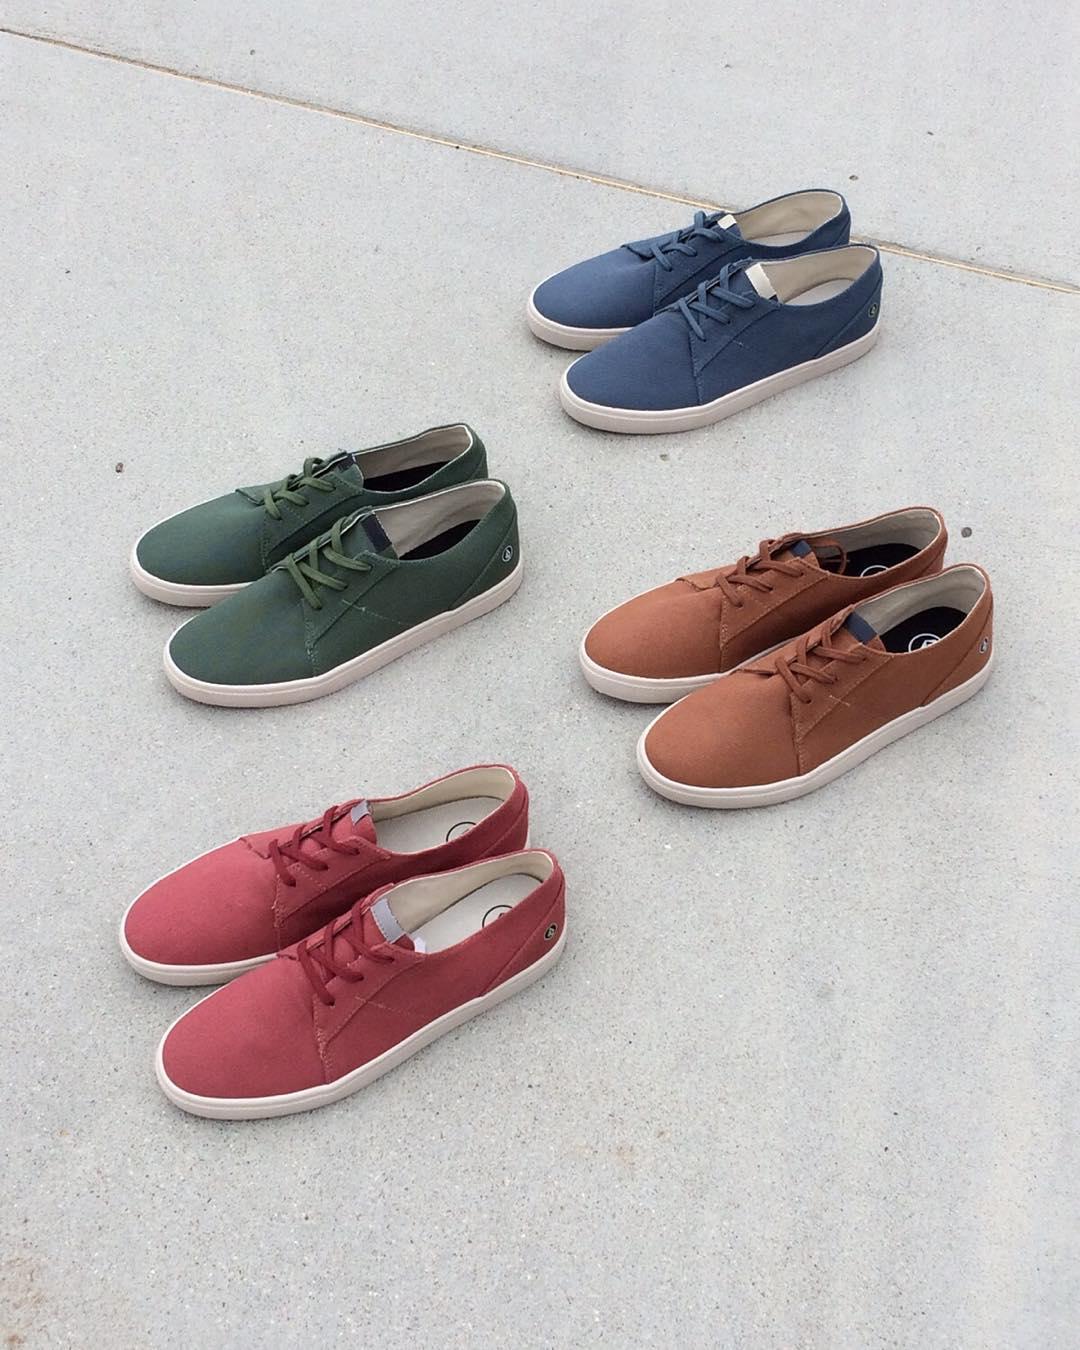 Lo Fi diferentes colores para este verano #ss16 #volcomfootwear #truetothis